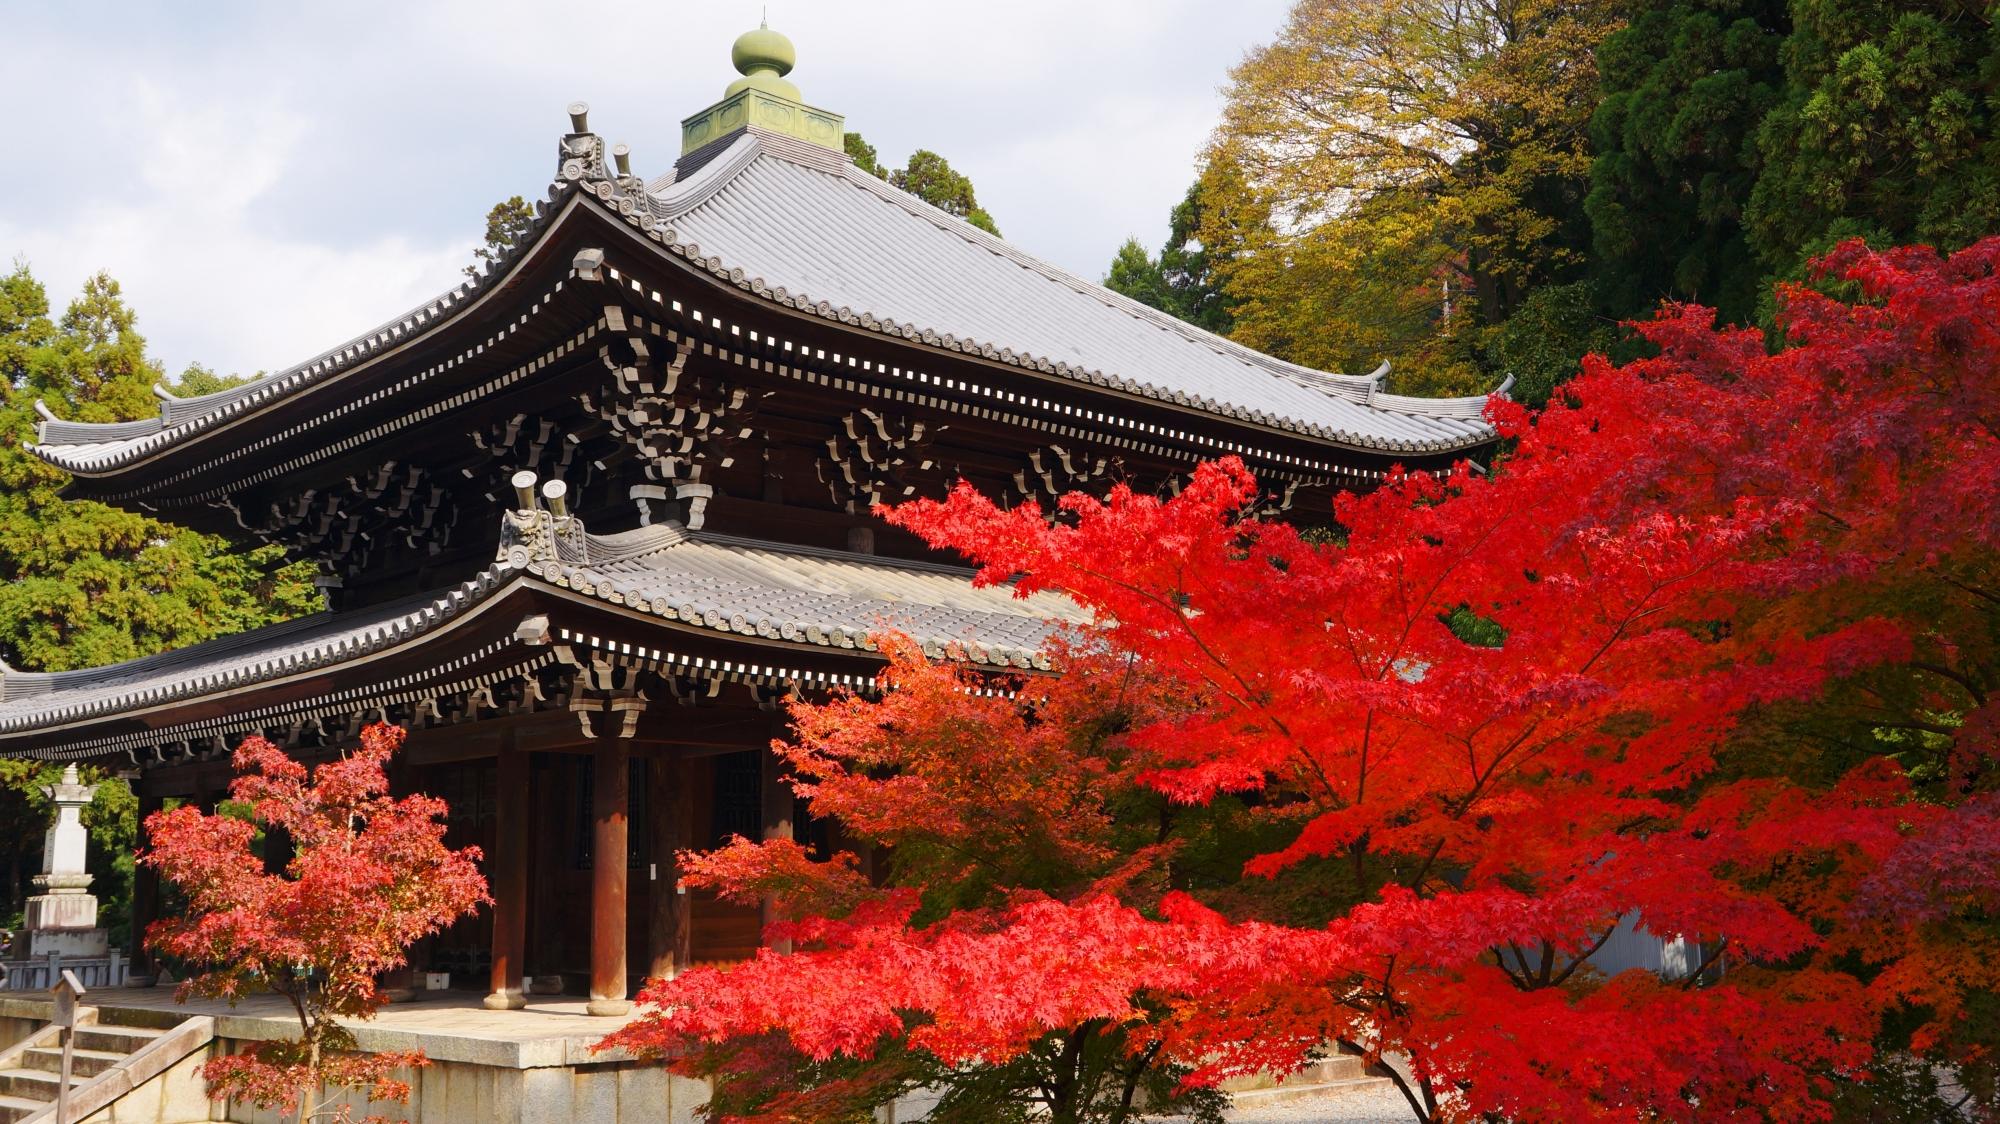 知恩院の経蔵を彩る真っ赤な紅葉